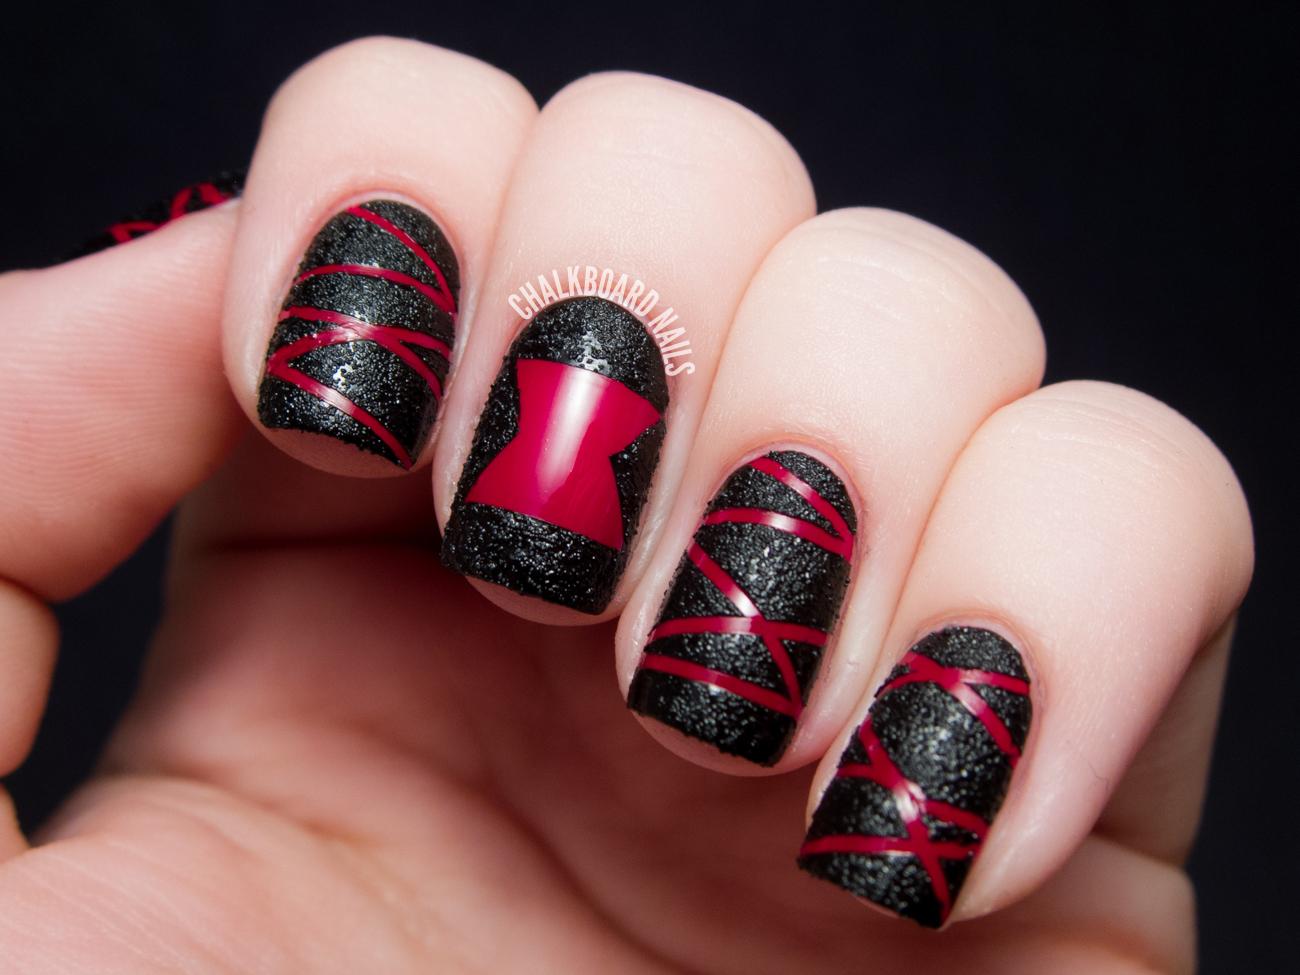 TUTORIAL: Black Widow Spider Textured Nail Art